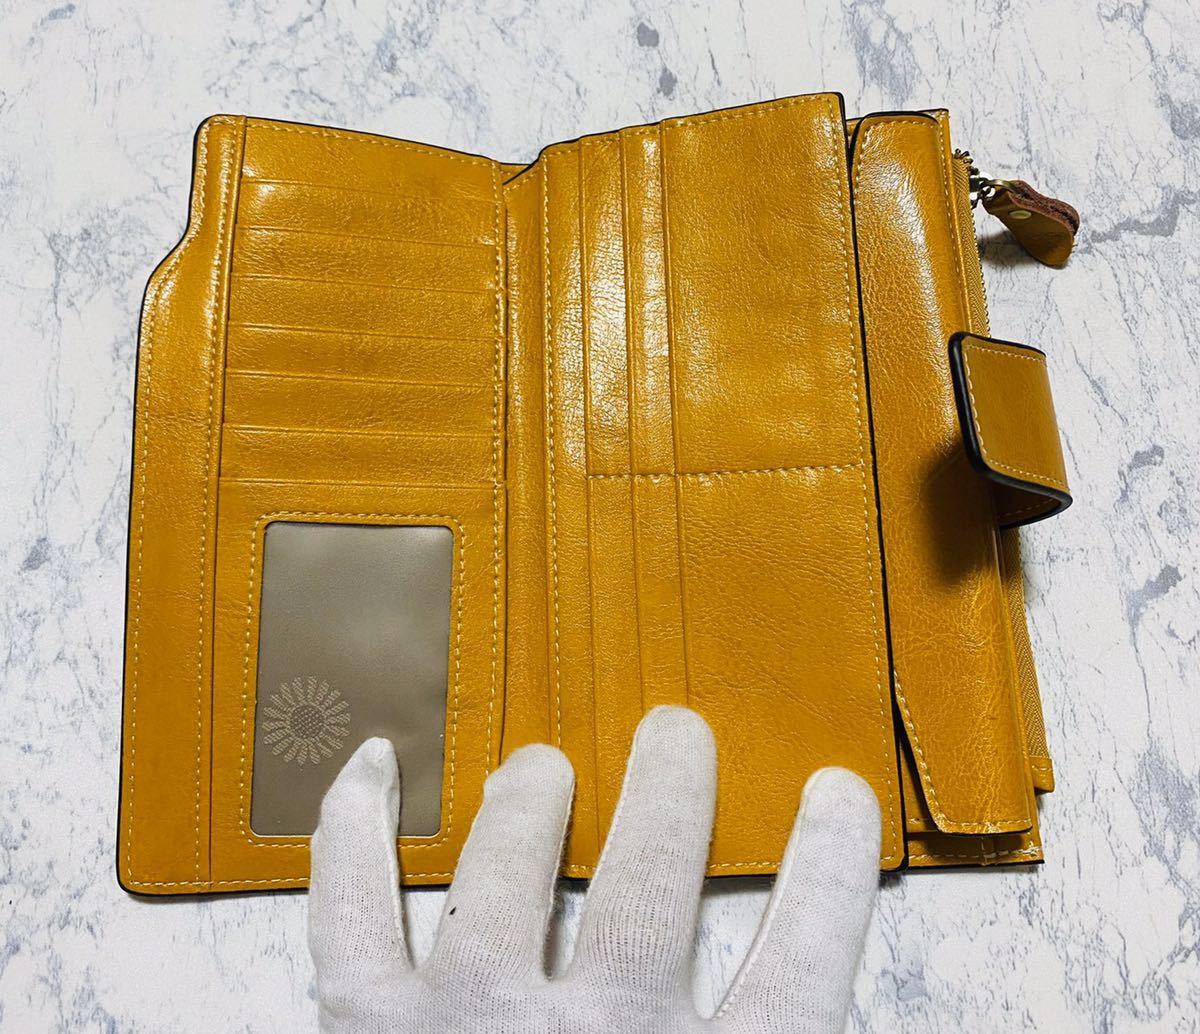 大容量 牛革 財布 カード21枚収納 二つ折り 折財布 スマホ収納可能 本革 メンズ レディス イエロー_画像6